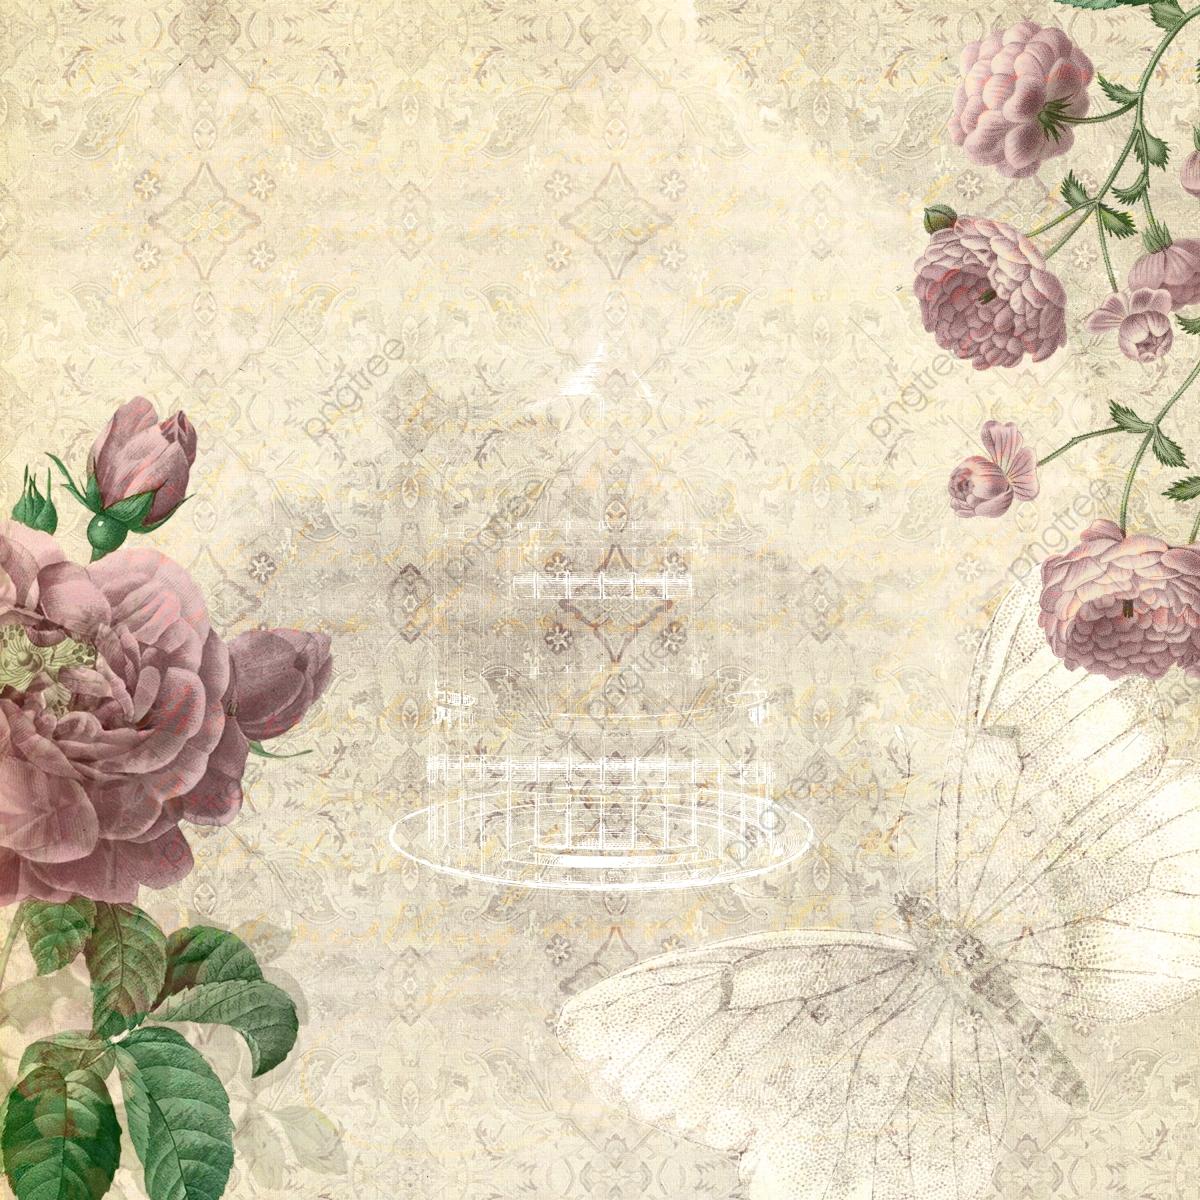 Vintage Floral Background, Background, Vintage Floral.